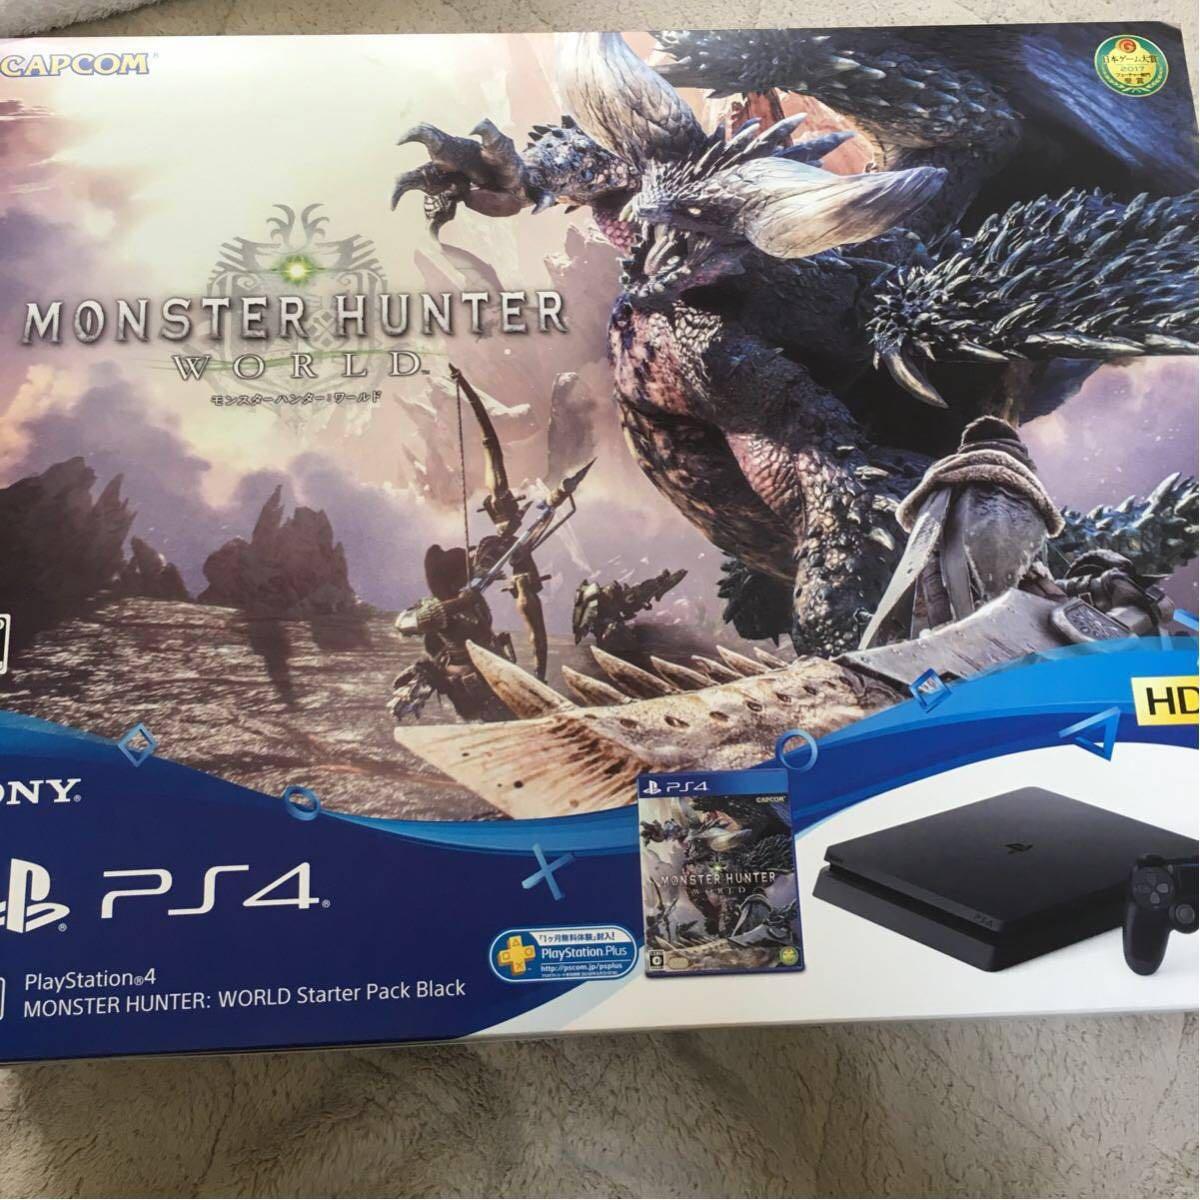 新古品 PlayStation4 MONSTER HUNTER WORLD Starter Pack Black PS4本体500GB モンスターハンターワールド 同梱版